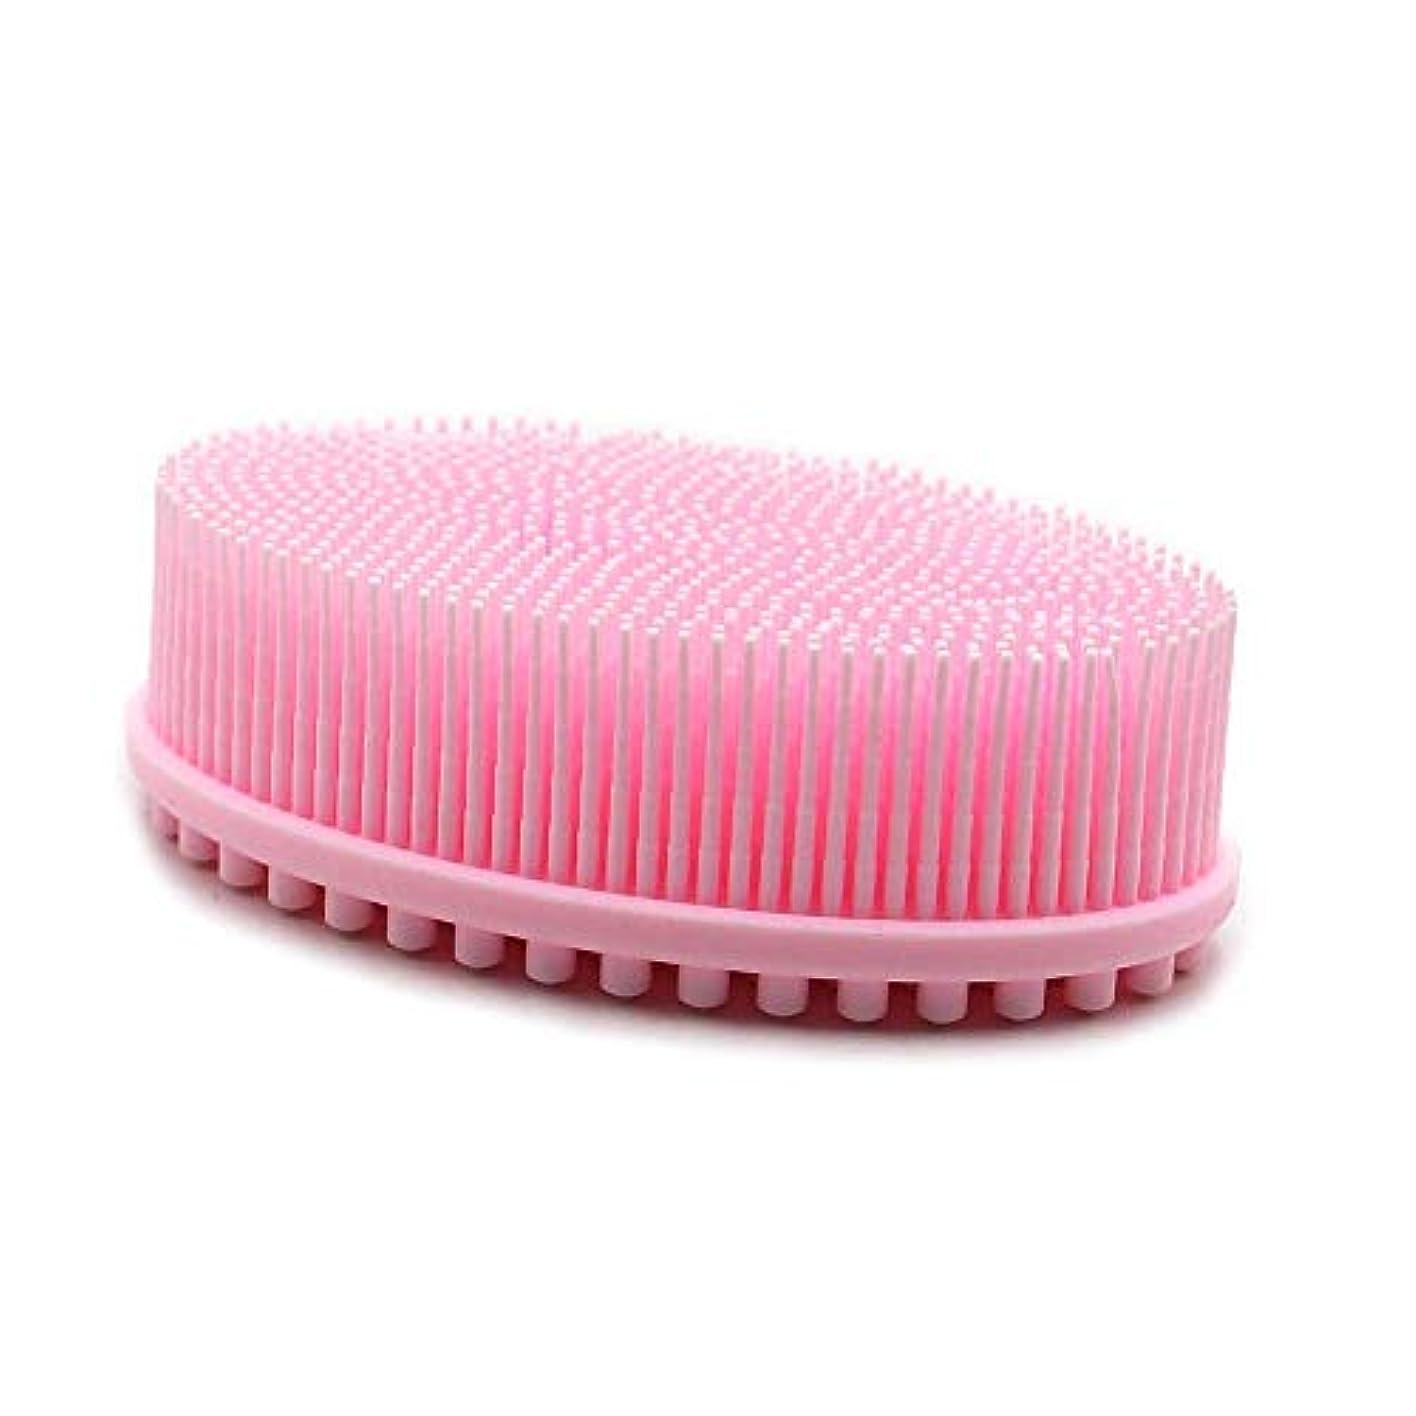 チーフ申し込むビットボディブラシ 両面両用ブラシ シリコン製シャワーブラシ バス用品 お風呂ブラシ角質除去 美肌効果 血液循環を改善し、健康と美容に良い,ピンク